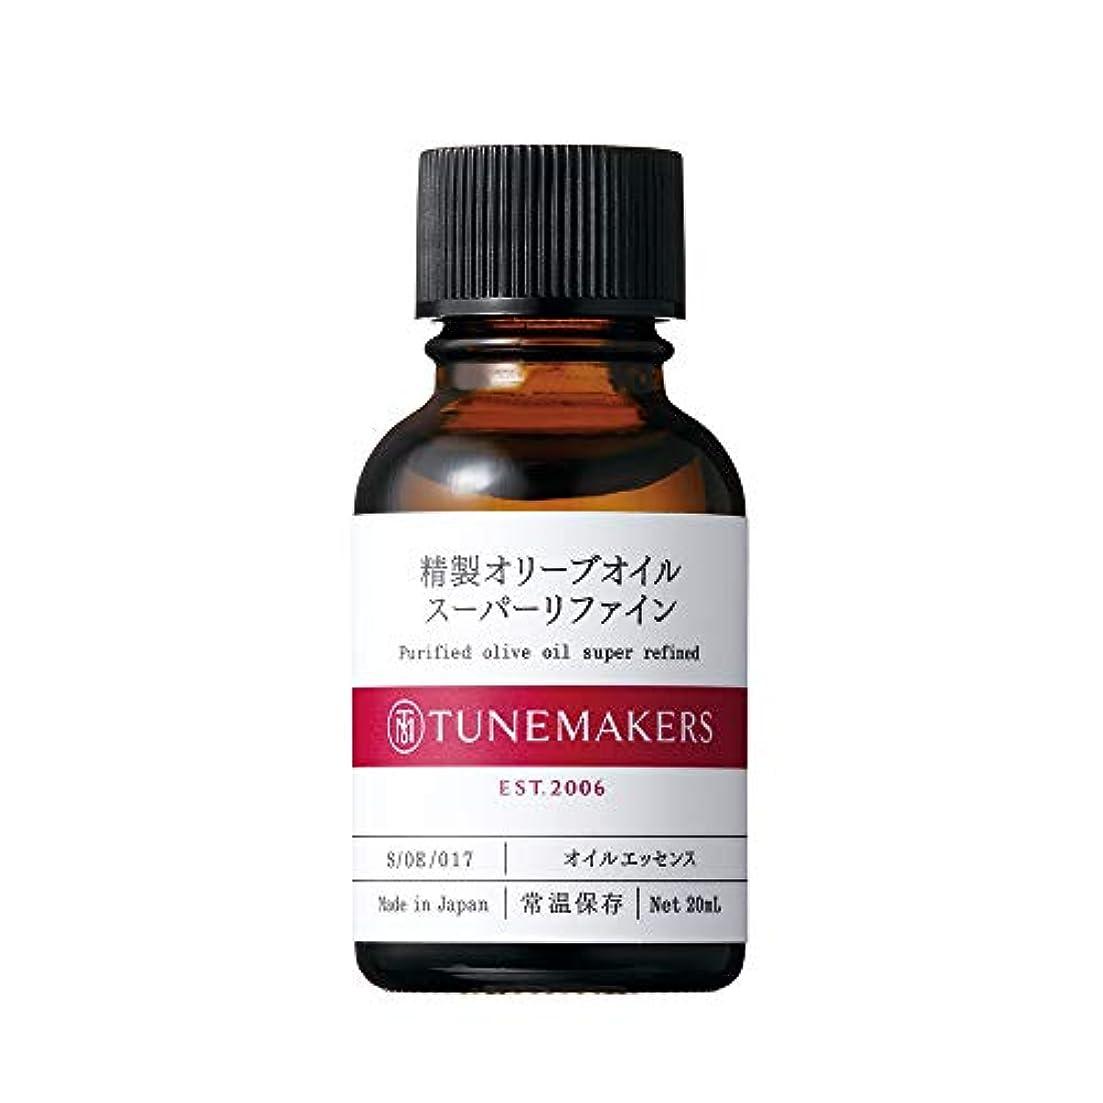 ストレス消化痴漢TUNEMAKERS(チューンメーカーズ) 精製オリーブオイルスーパーリファイン 美容液 20ml